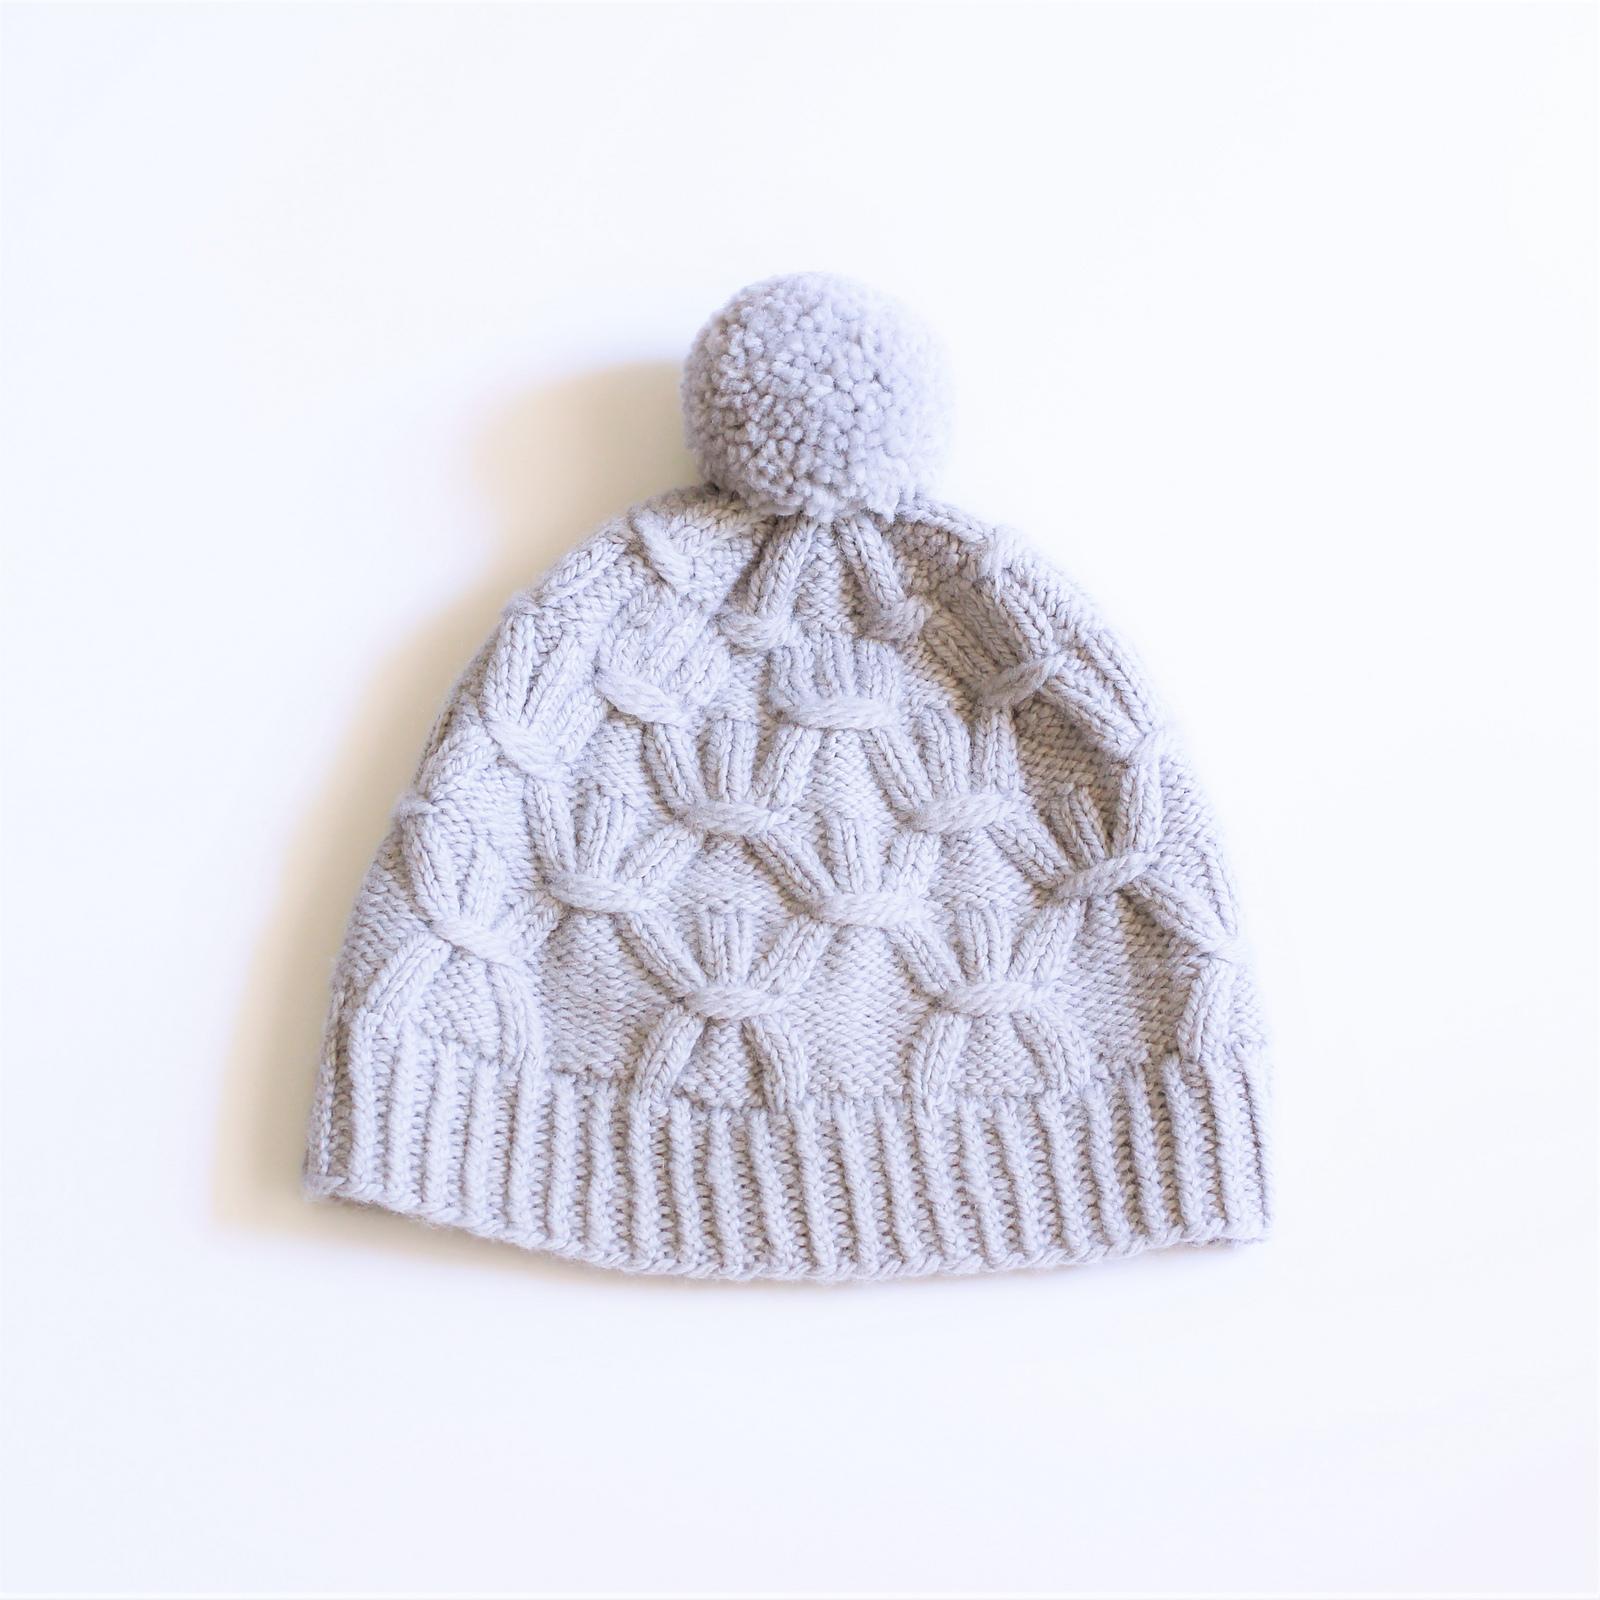 Patron Tricot Bonnet Winter Dusk De The Sweater Collective